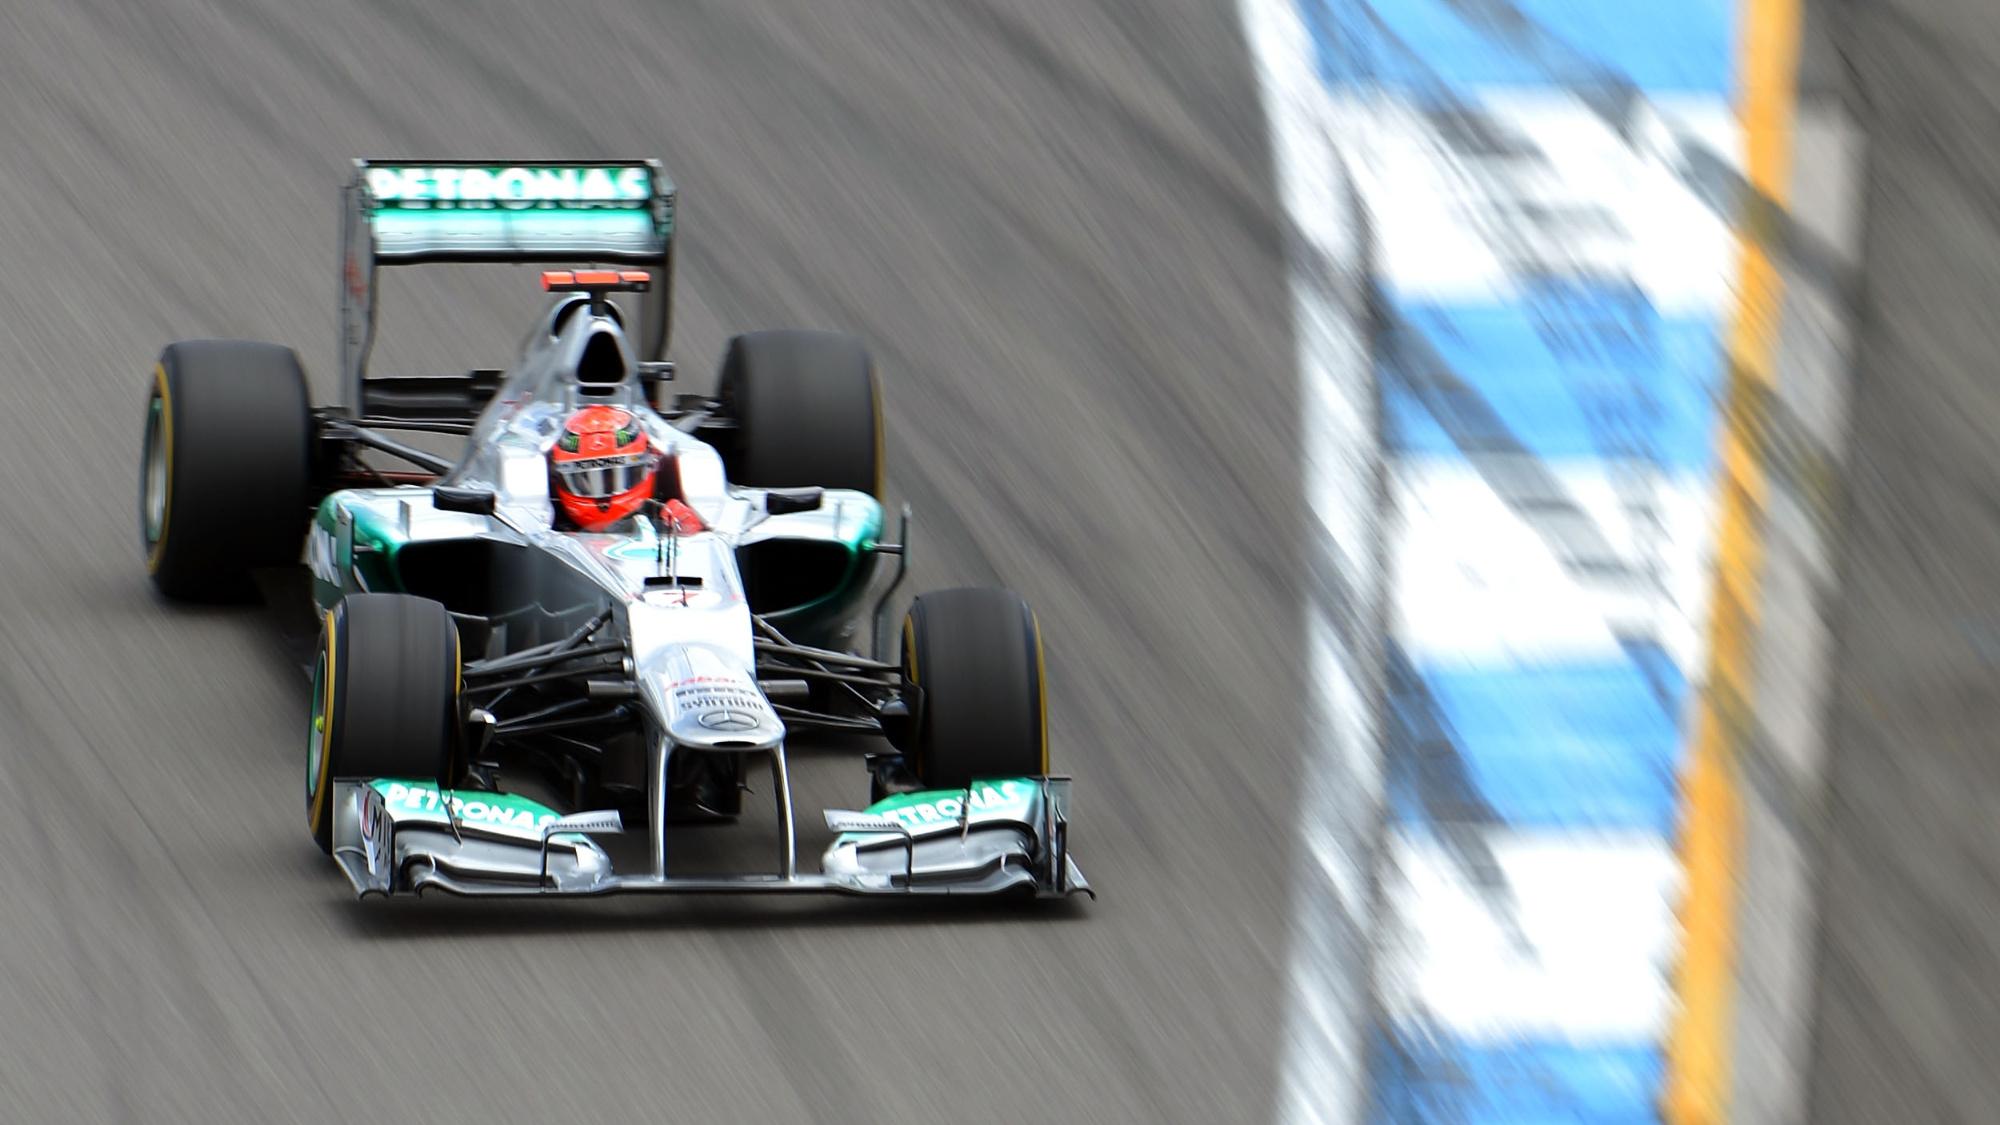 Michael Schumacher, 2012 German GP